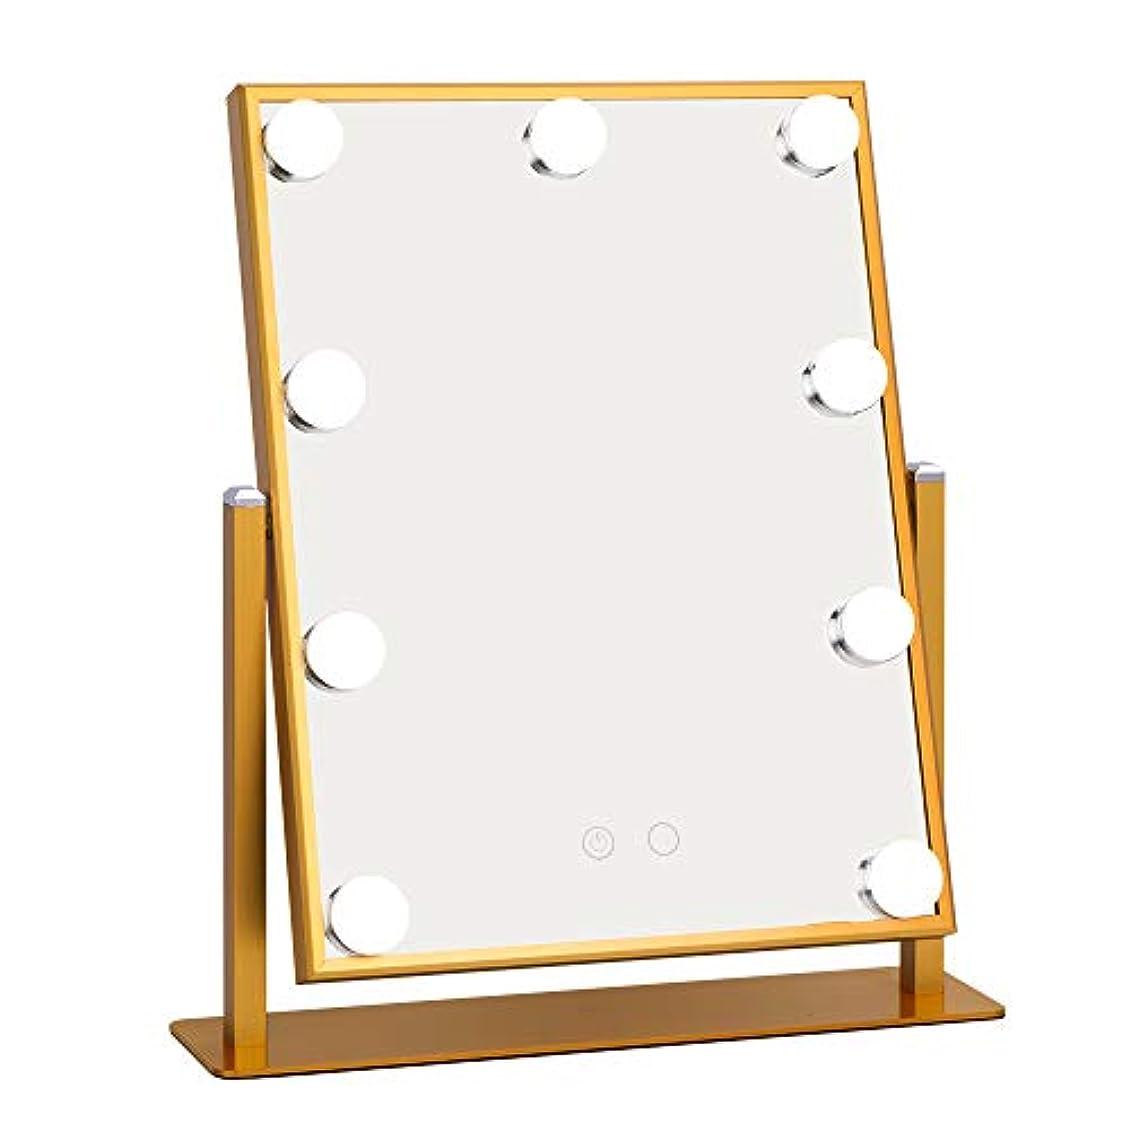 名誉あるを通して炎上BEAUTME 女優ミラー 化粧鏡 ハリウッドミラー LED電球9個付き 2種ライトモード 明るさ調整可能 光量メモリー 360度回転 卓上 メイクミラー ドレッサーや化粧台に適用(ゴールド)